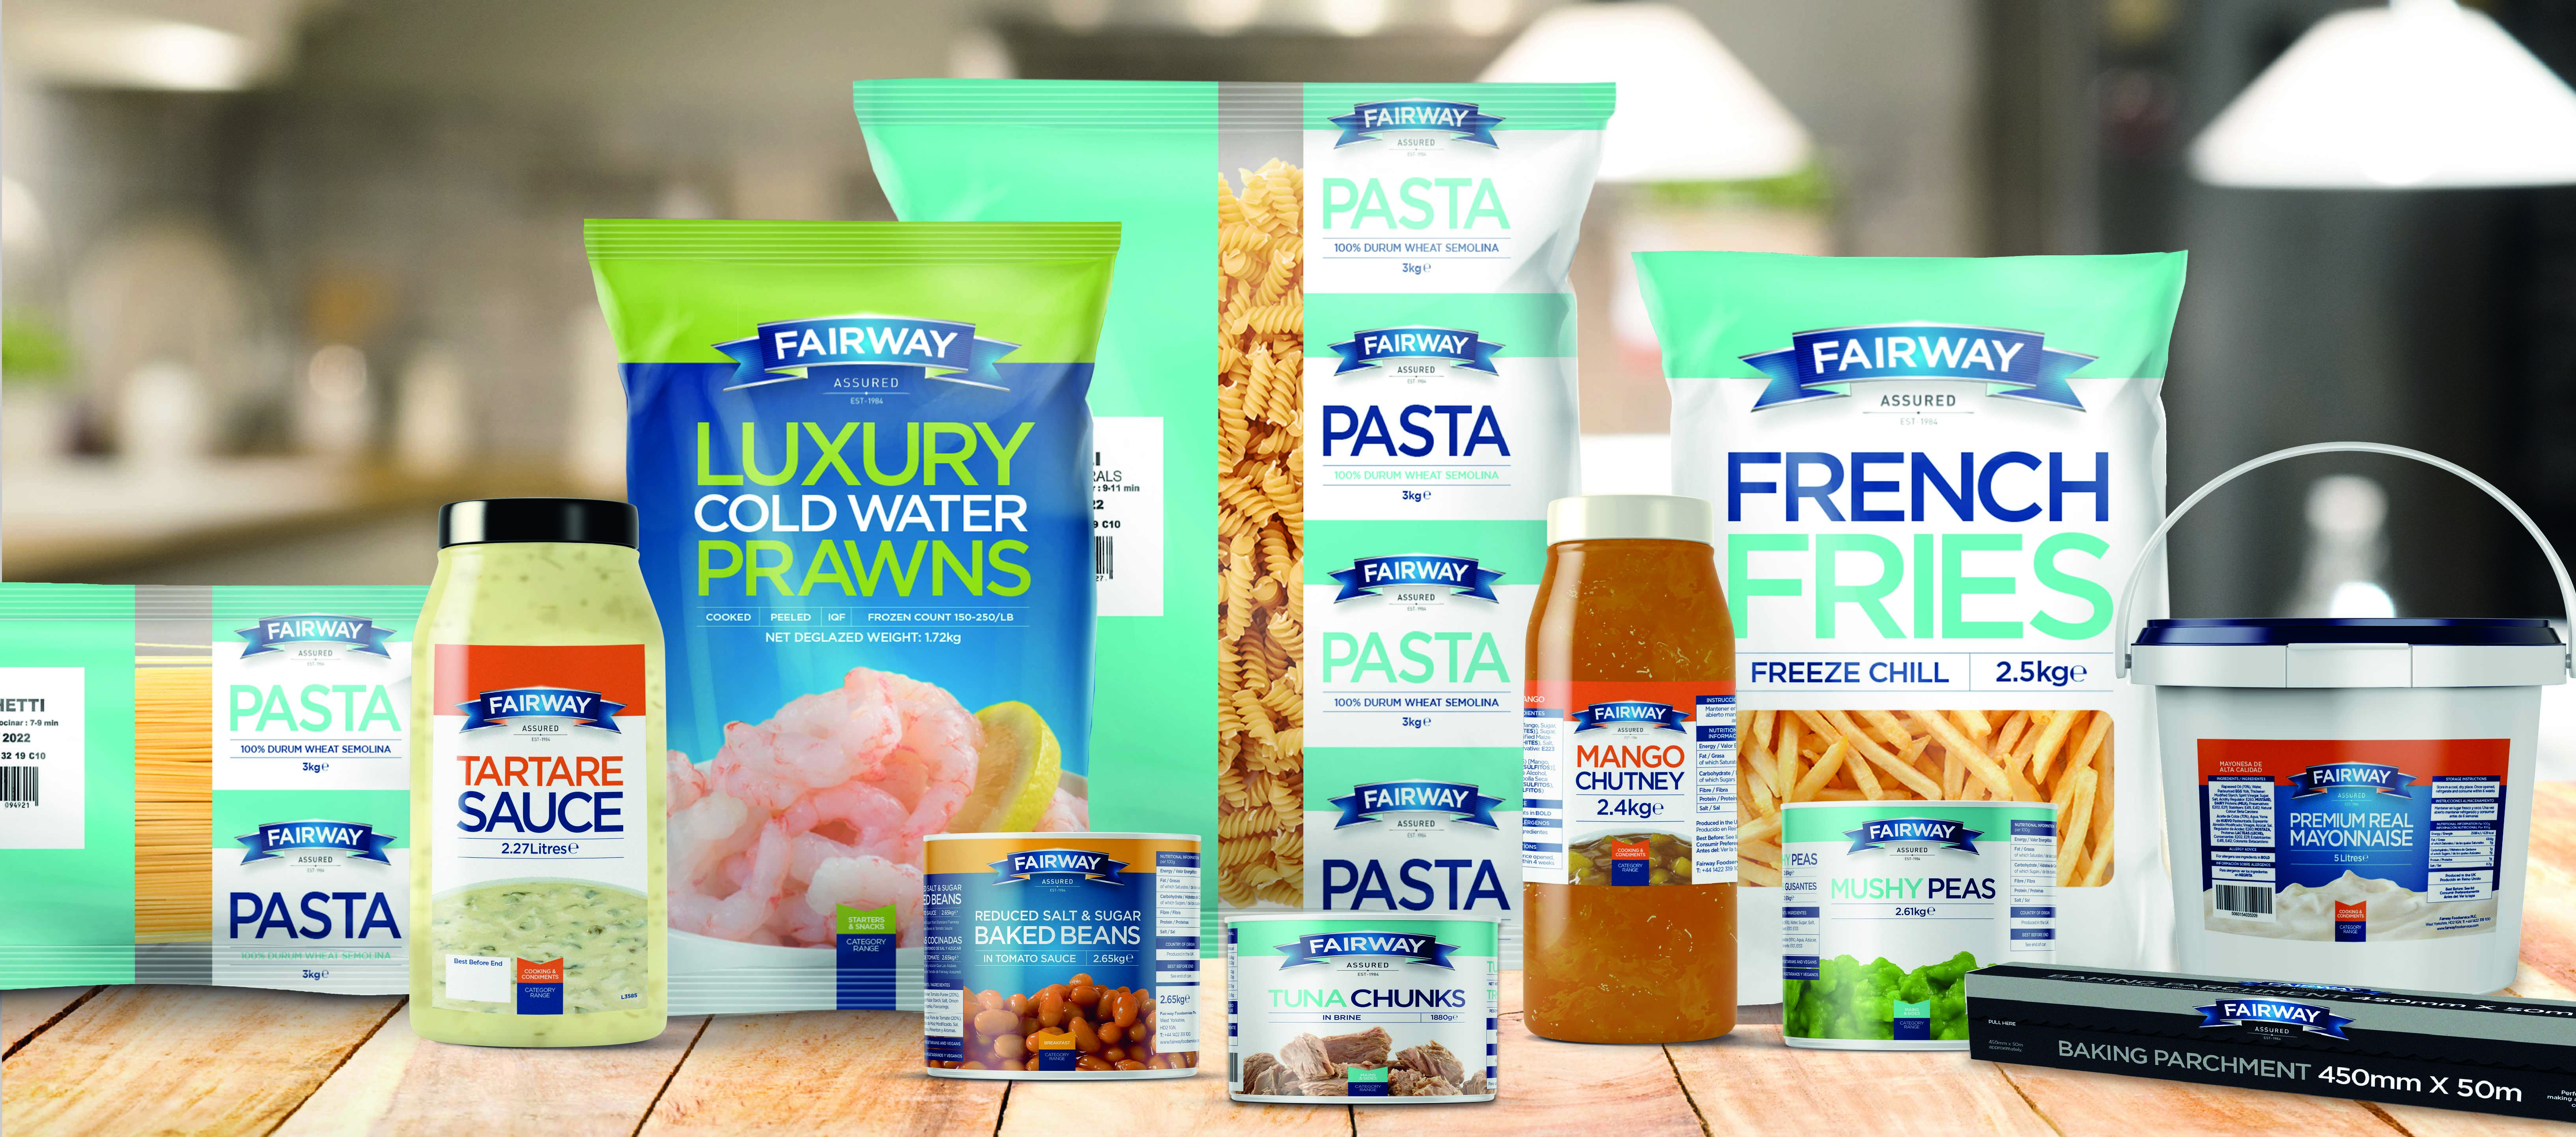 Fairway Foodservice's own-brand range